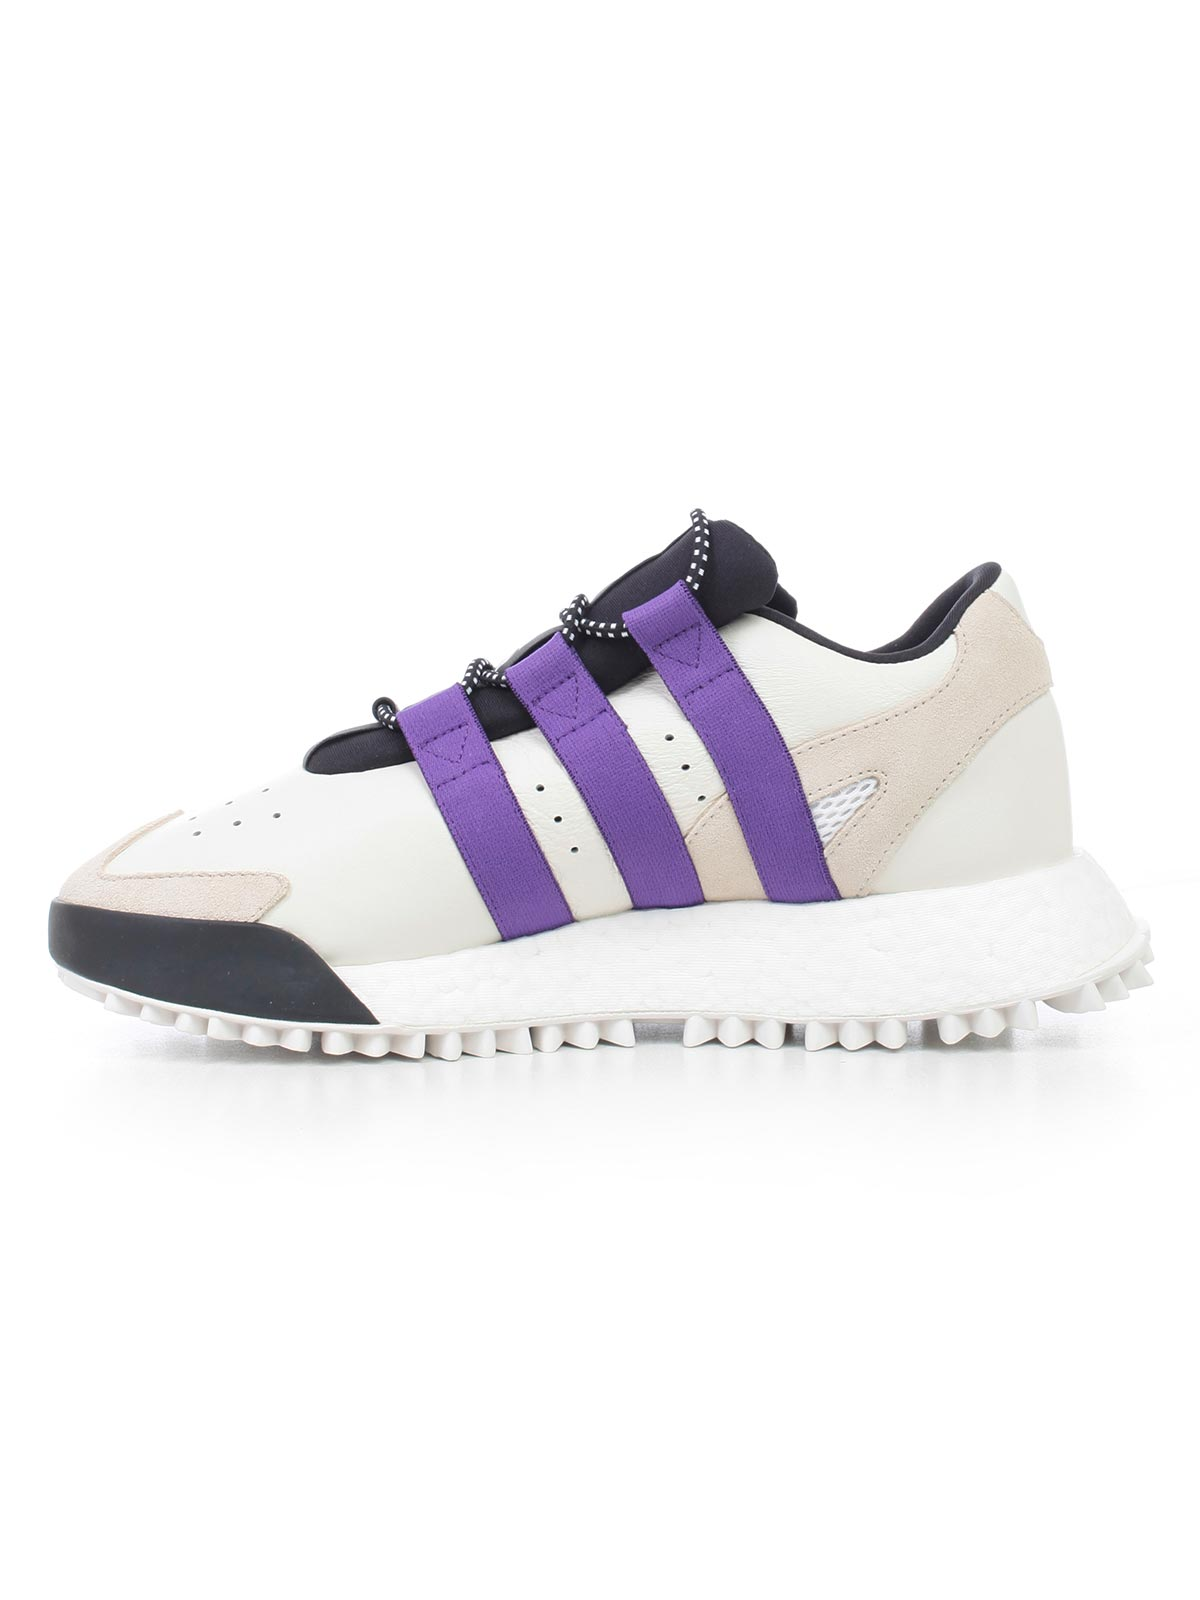 Alexander By Alexander Shoes Shoes By Wang Wang Adidas Adidas YIDHeWE92